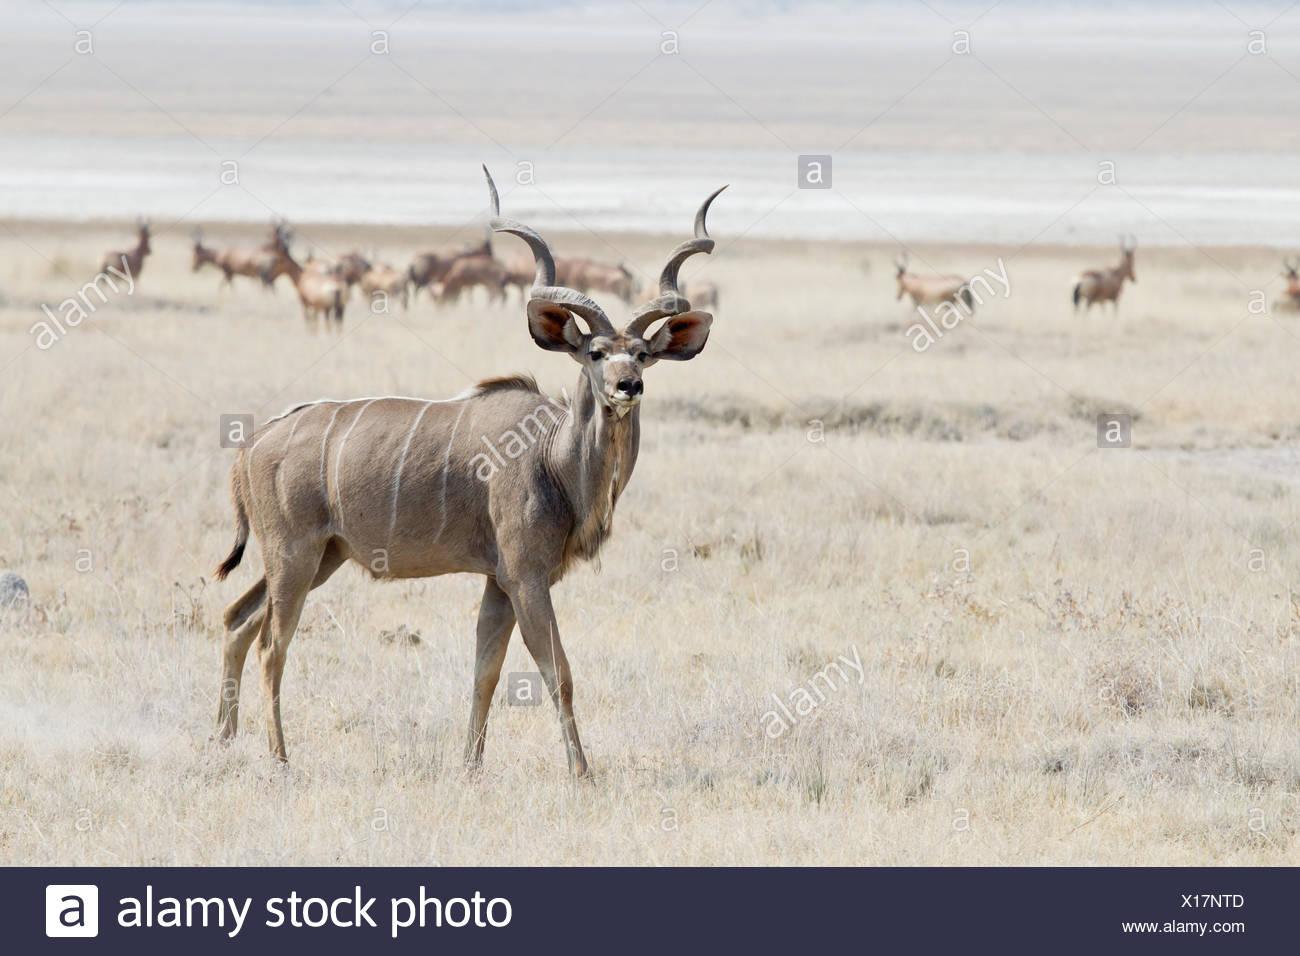 Greater Kudu (Tragelaphus strepsiceros) roaming pastureland, Etosha National Park, Namibia - Stock Image